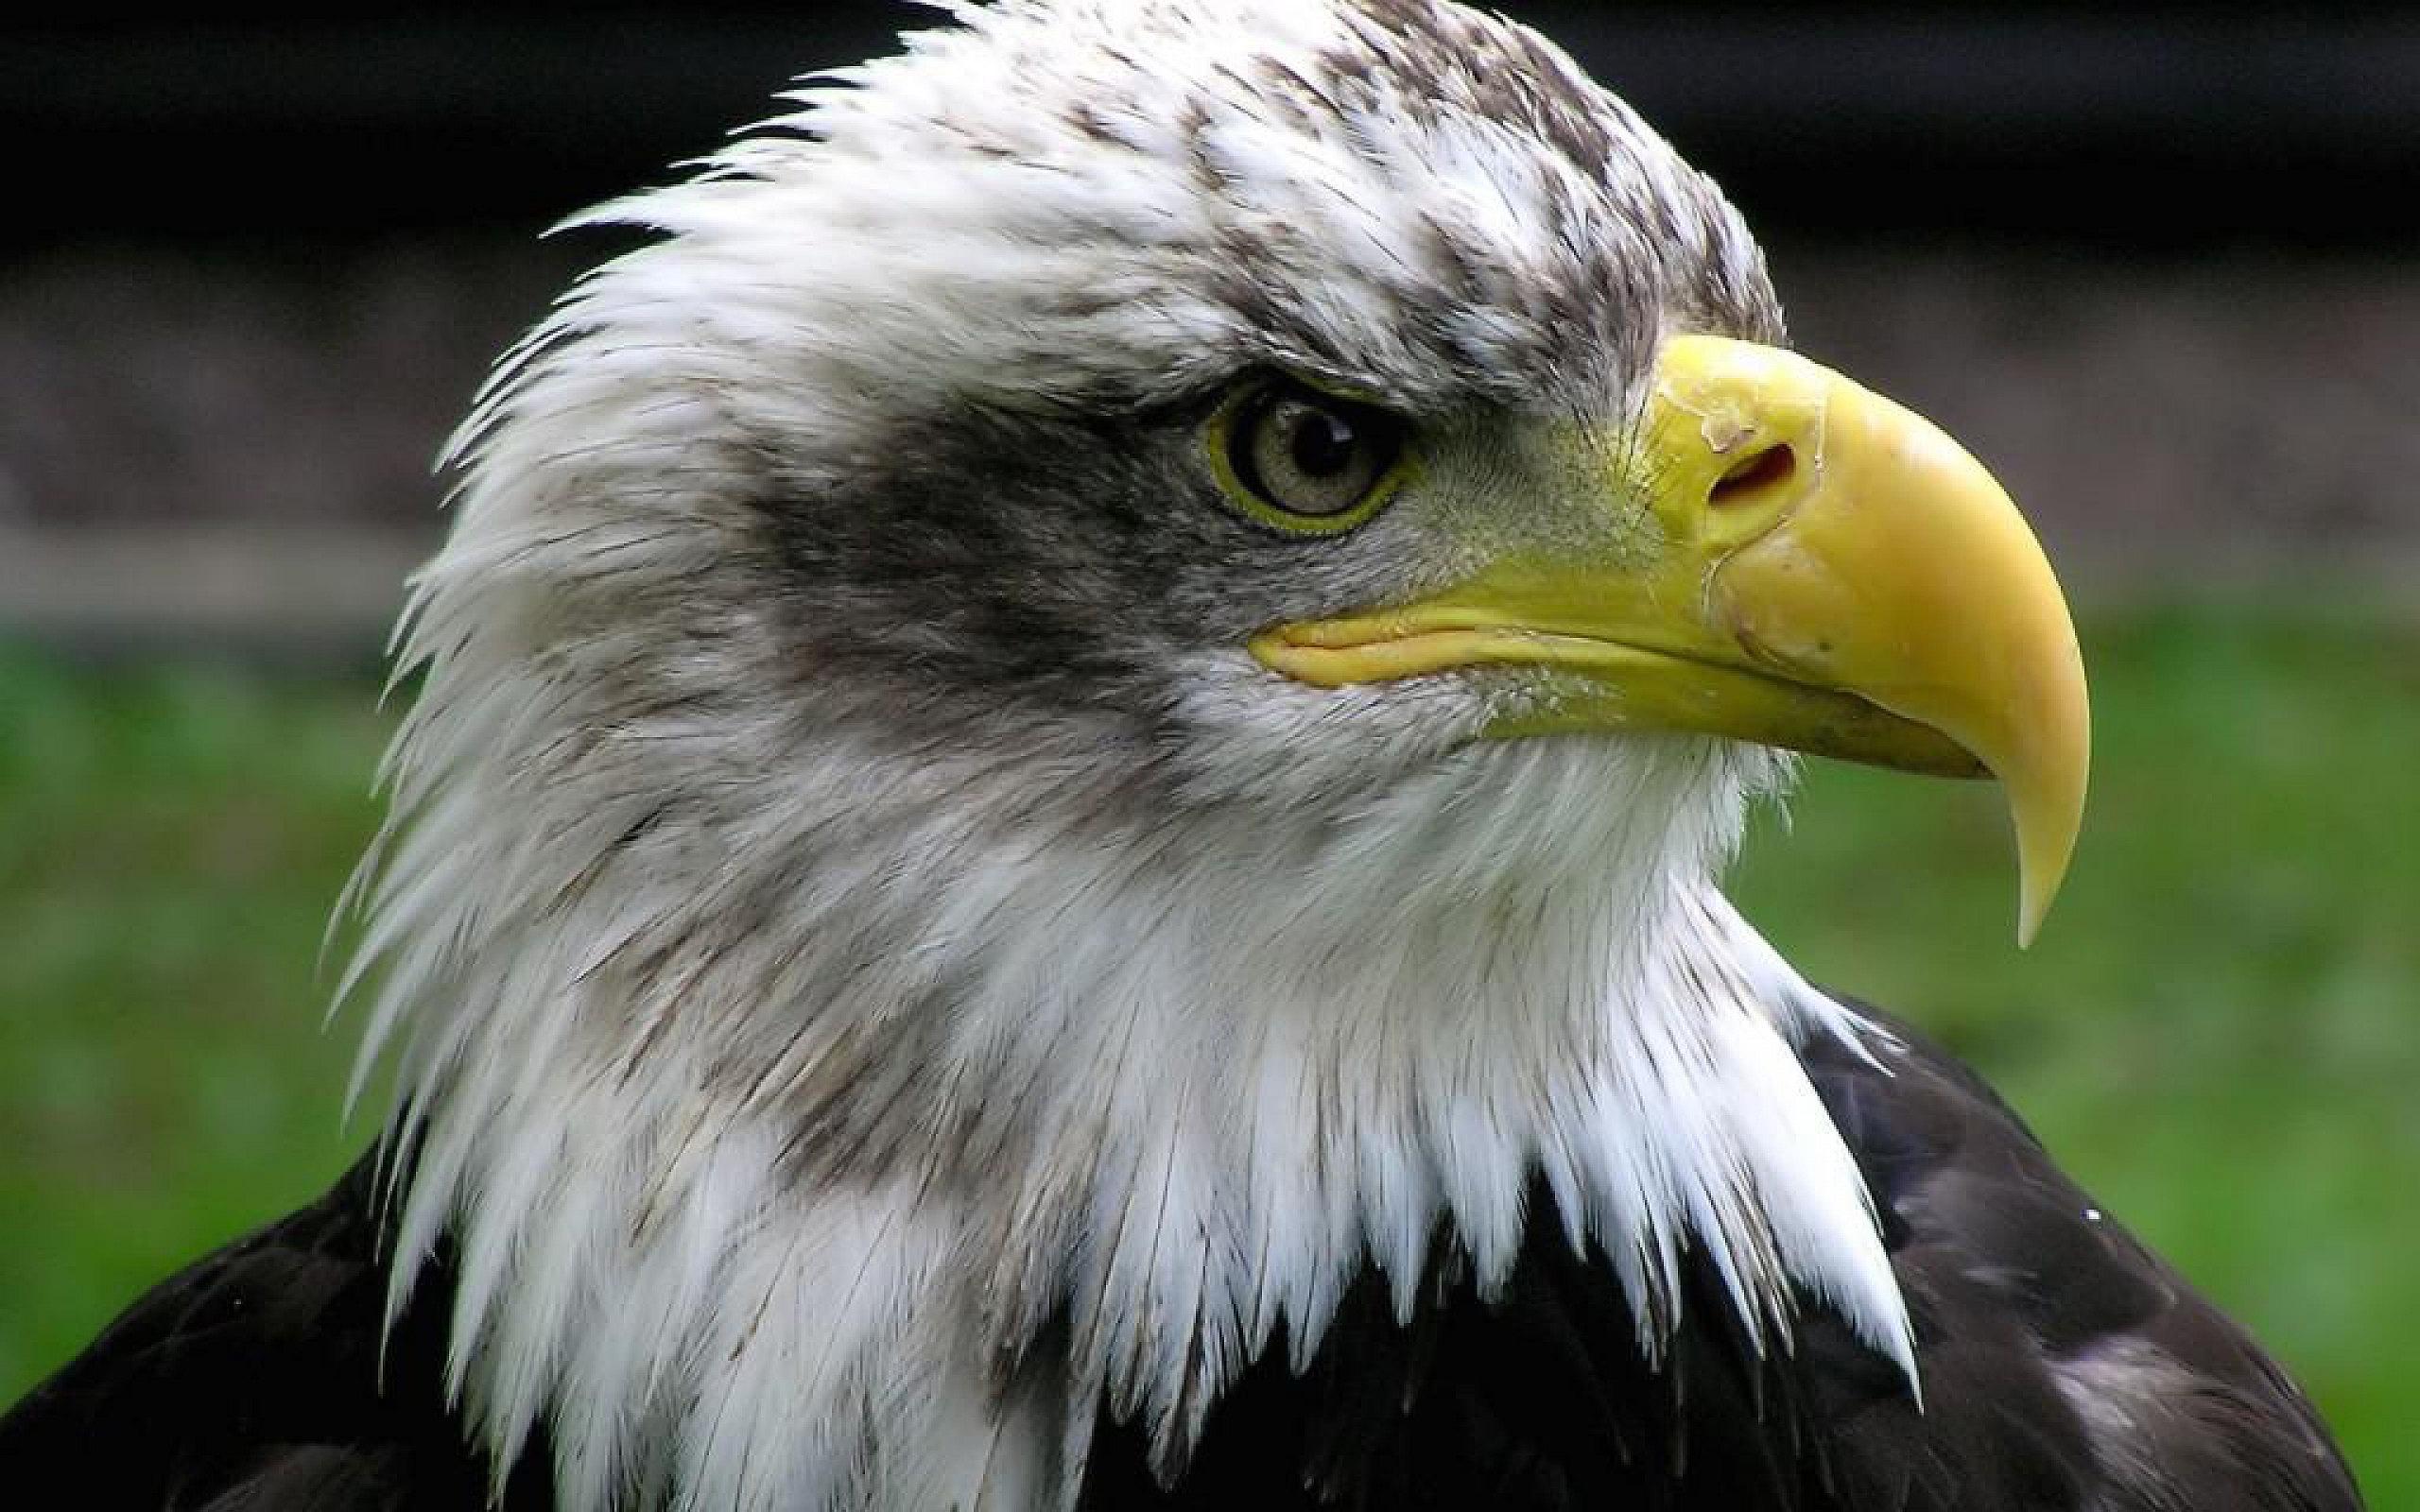 eagle wallpapers - HD Desktop Wallpapers   4k HD